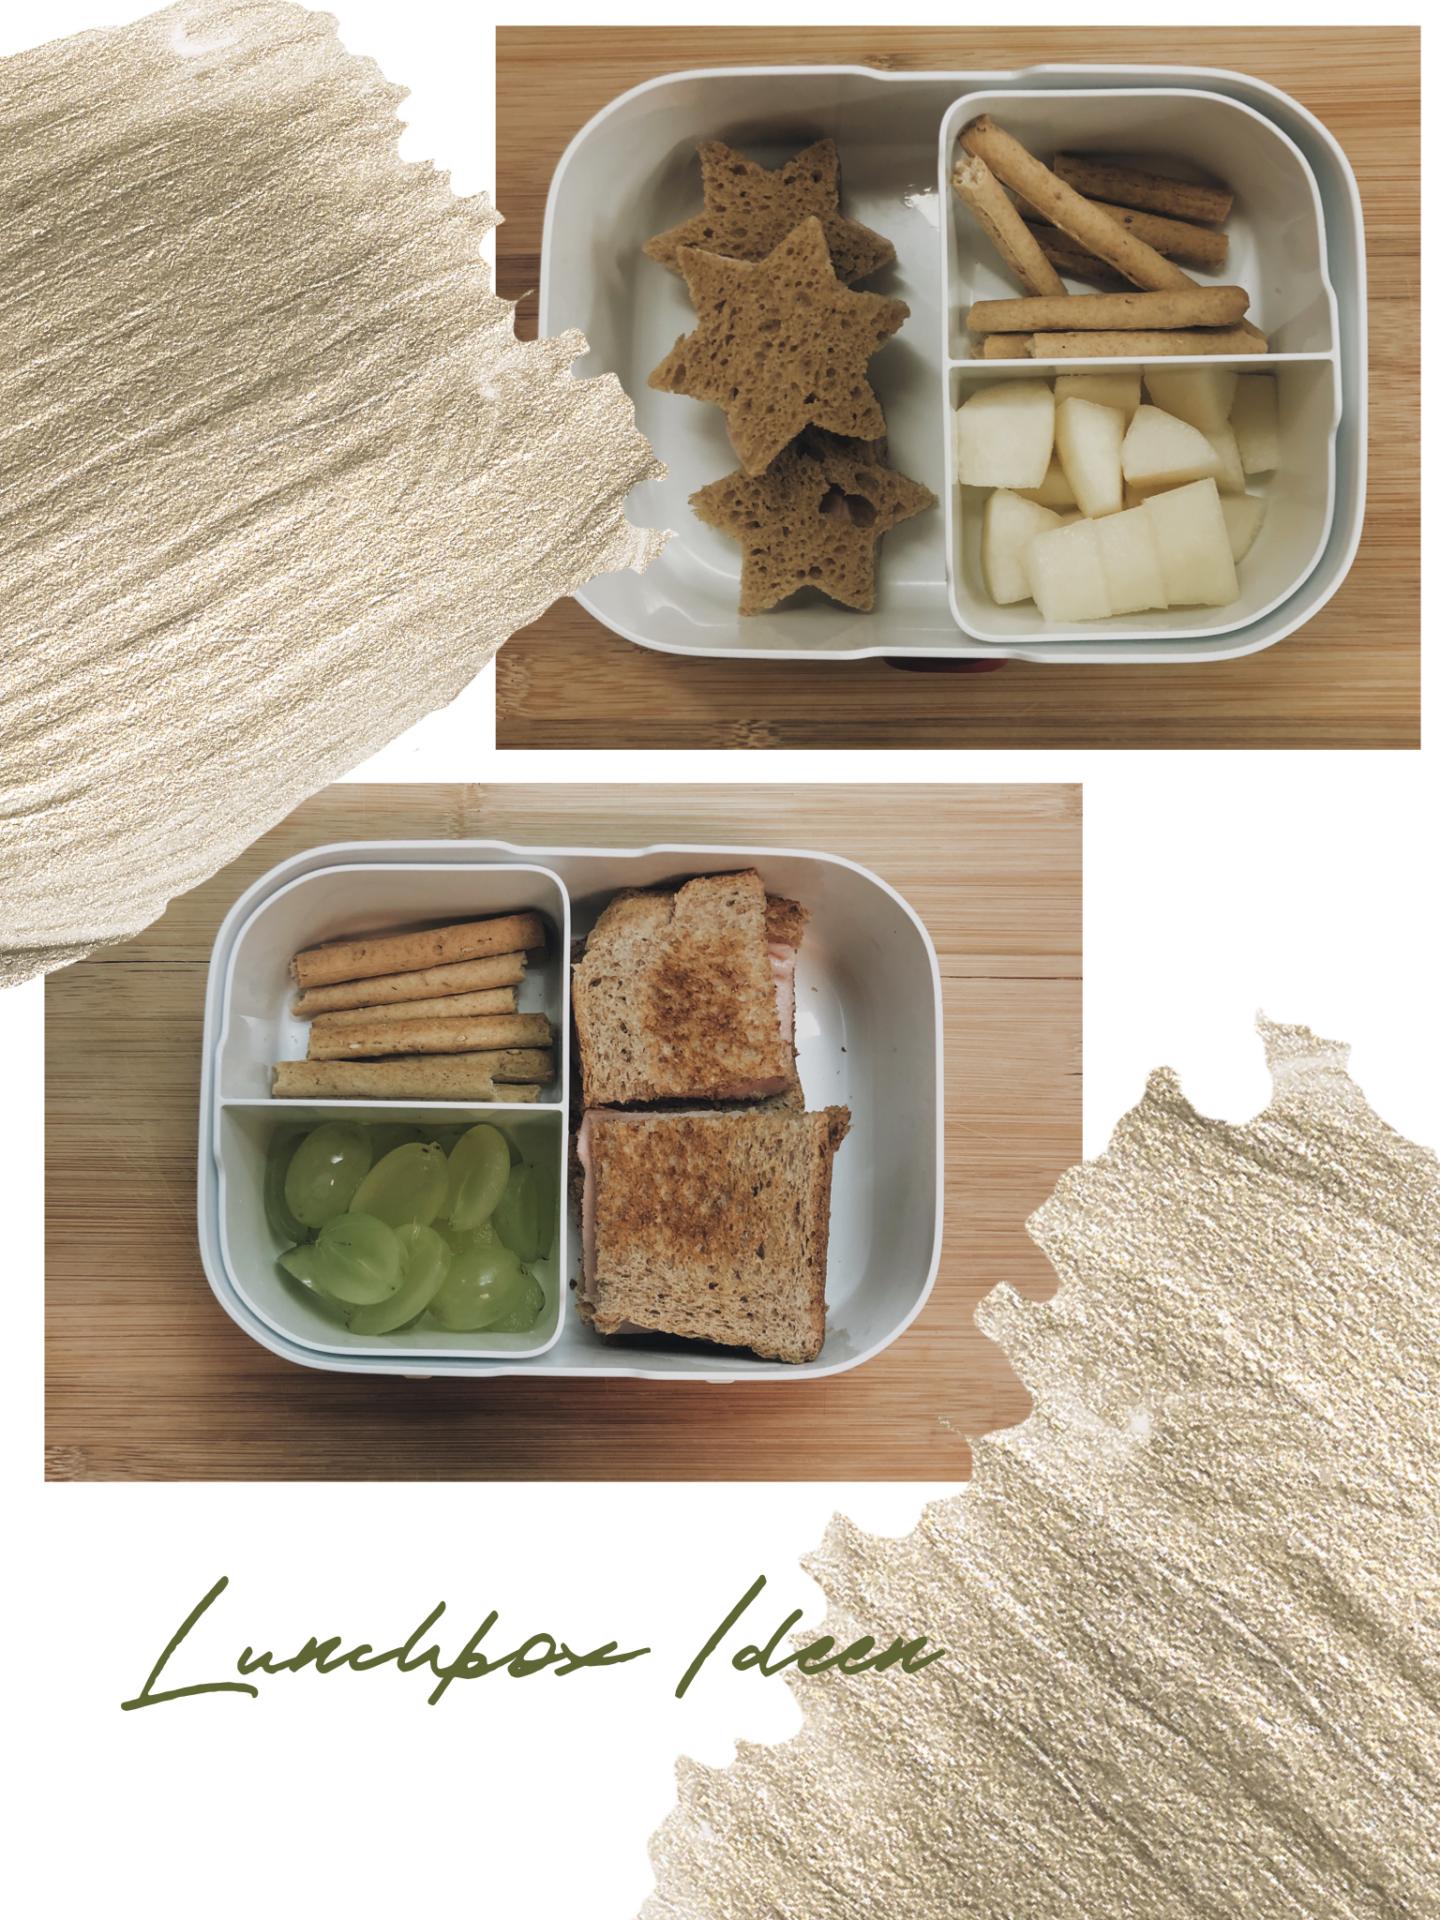 #Momlife: Lunchbox Ideen für den Kindergarten